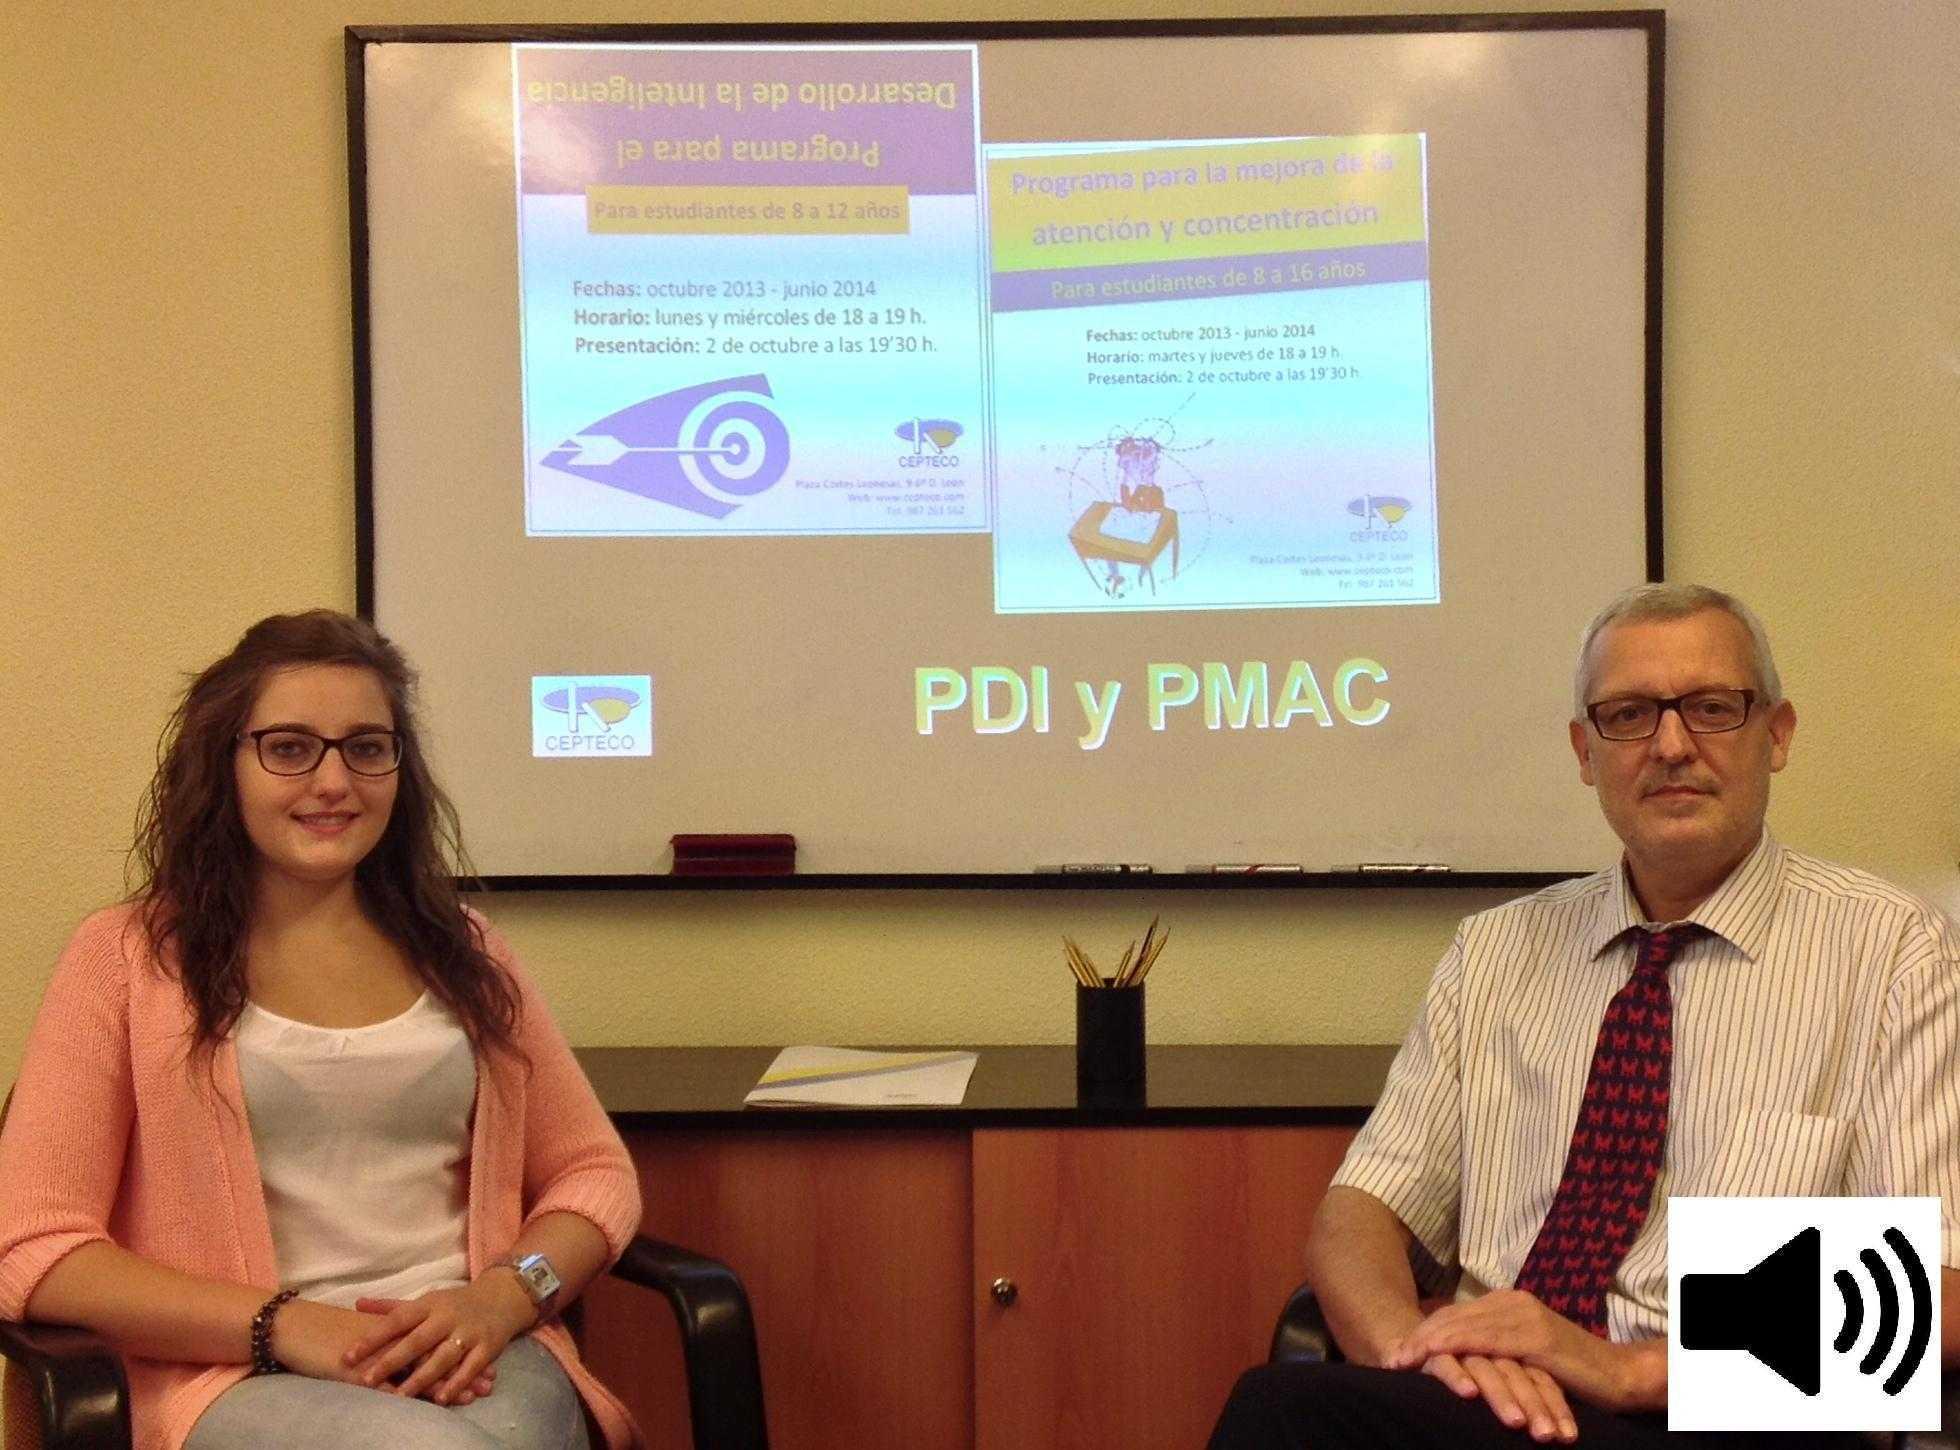 Presentación PDI-PMAC Onda Cero, 2 octubre 2013: Elena Díez y Miguel Ángel Cueto